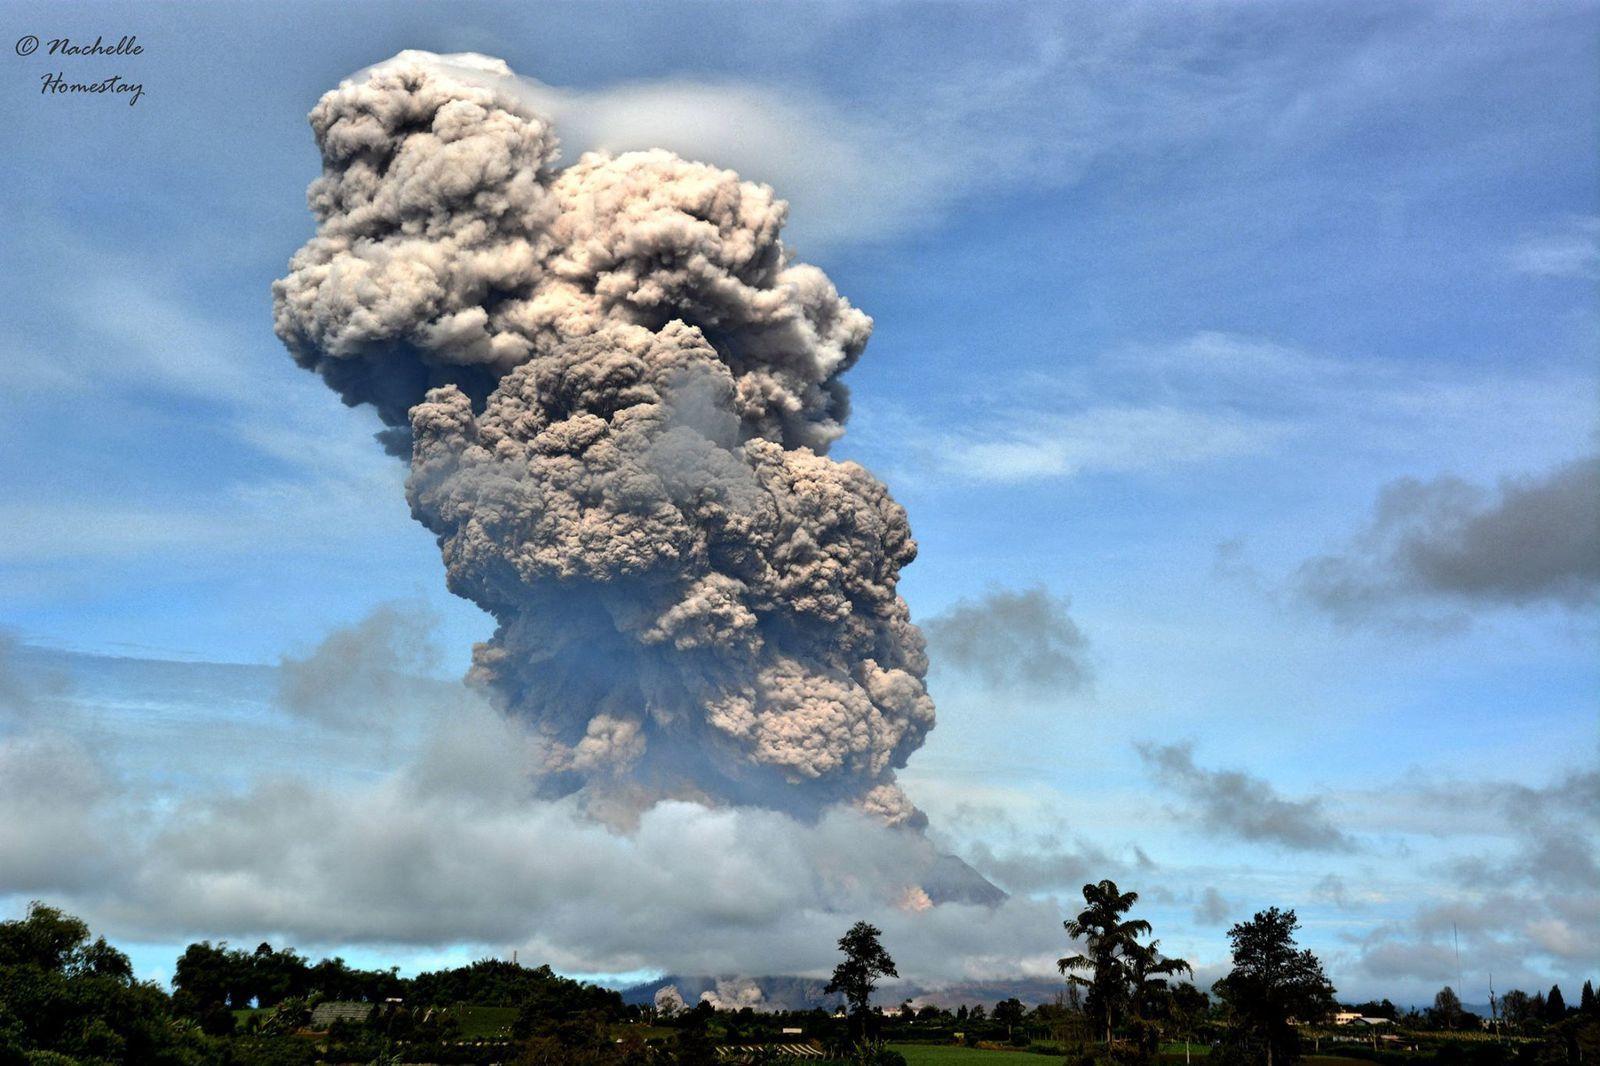 Sinabung - 11.20.2015 - photo Berastagi Nachelle Homestay